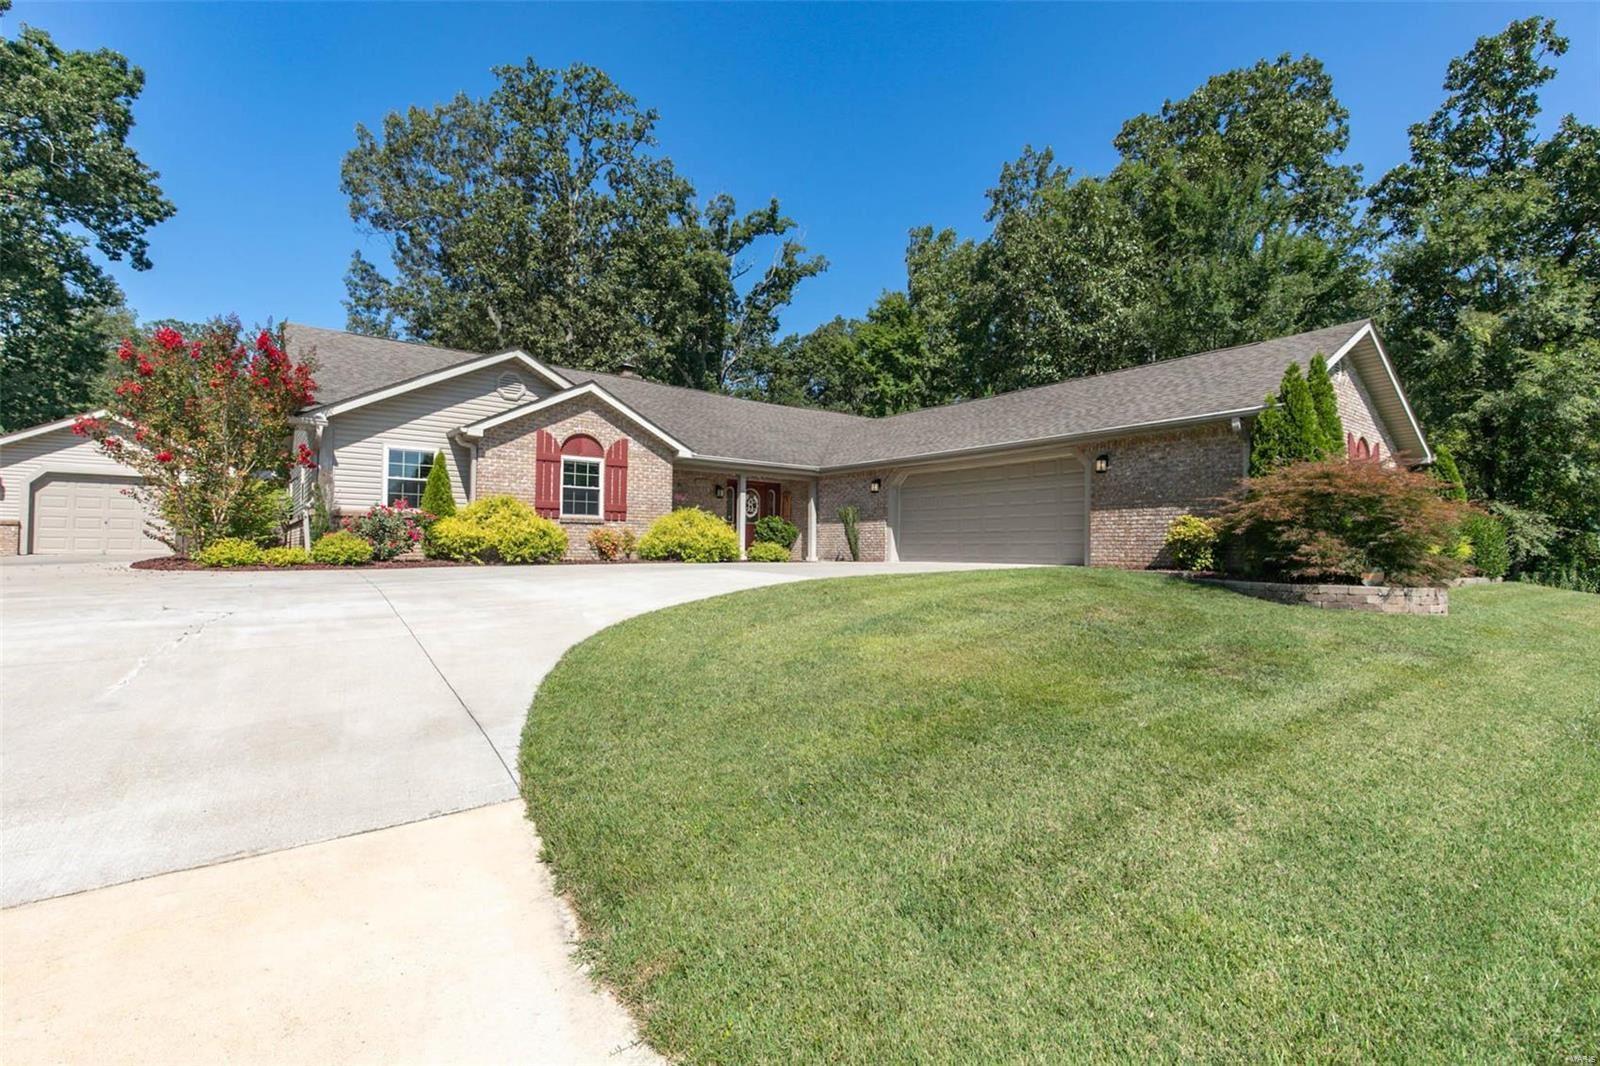 2577 Stone Ridge Drive, Poplar Bluff, MO 63901 - MLS#: 21058631